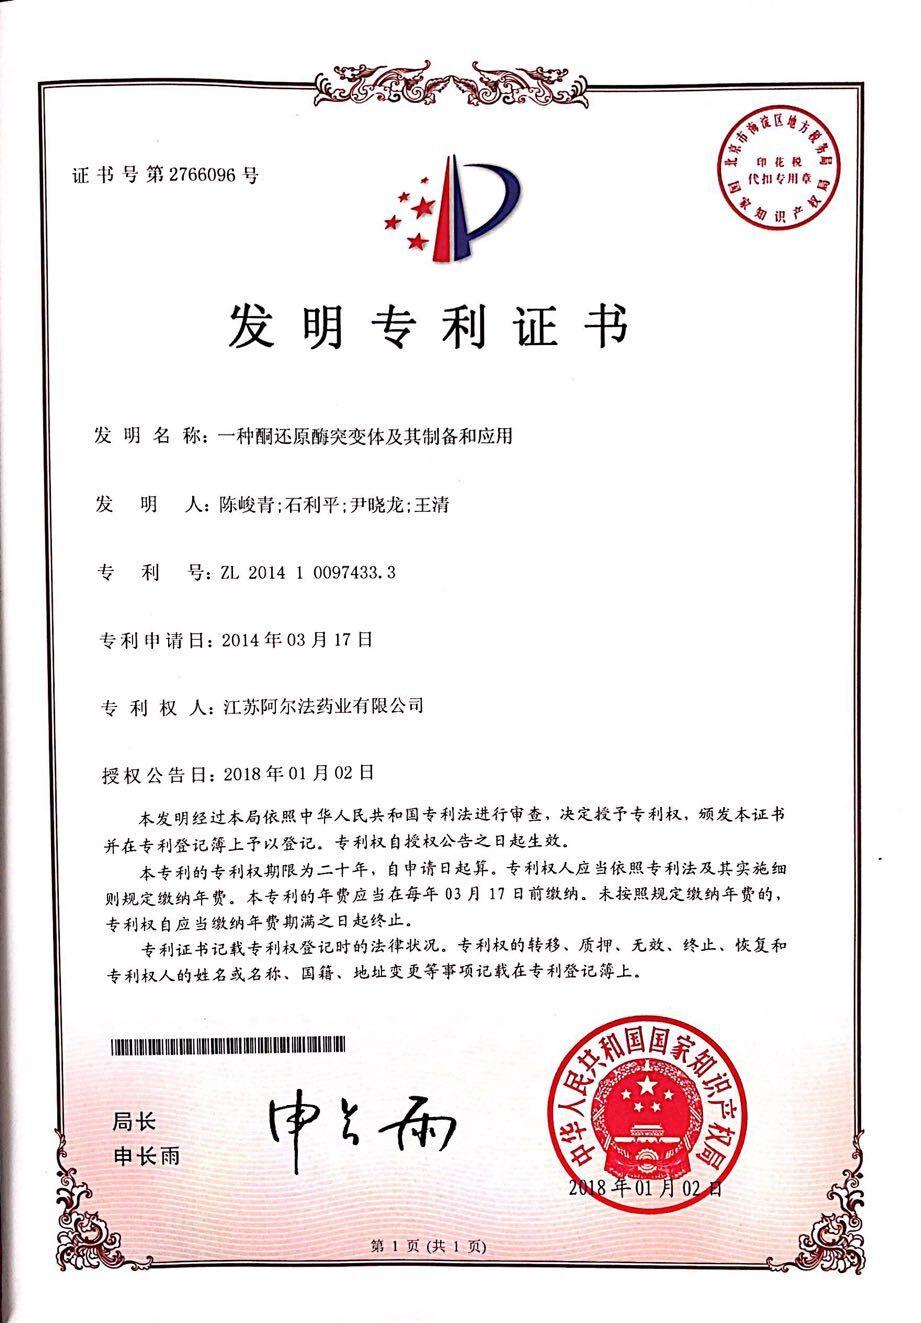 荣誉-专利-18.一种酮还原酶突变体及其制备和应用